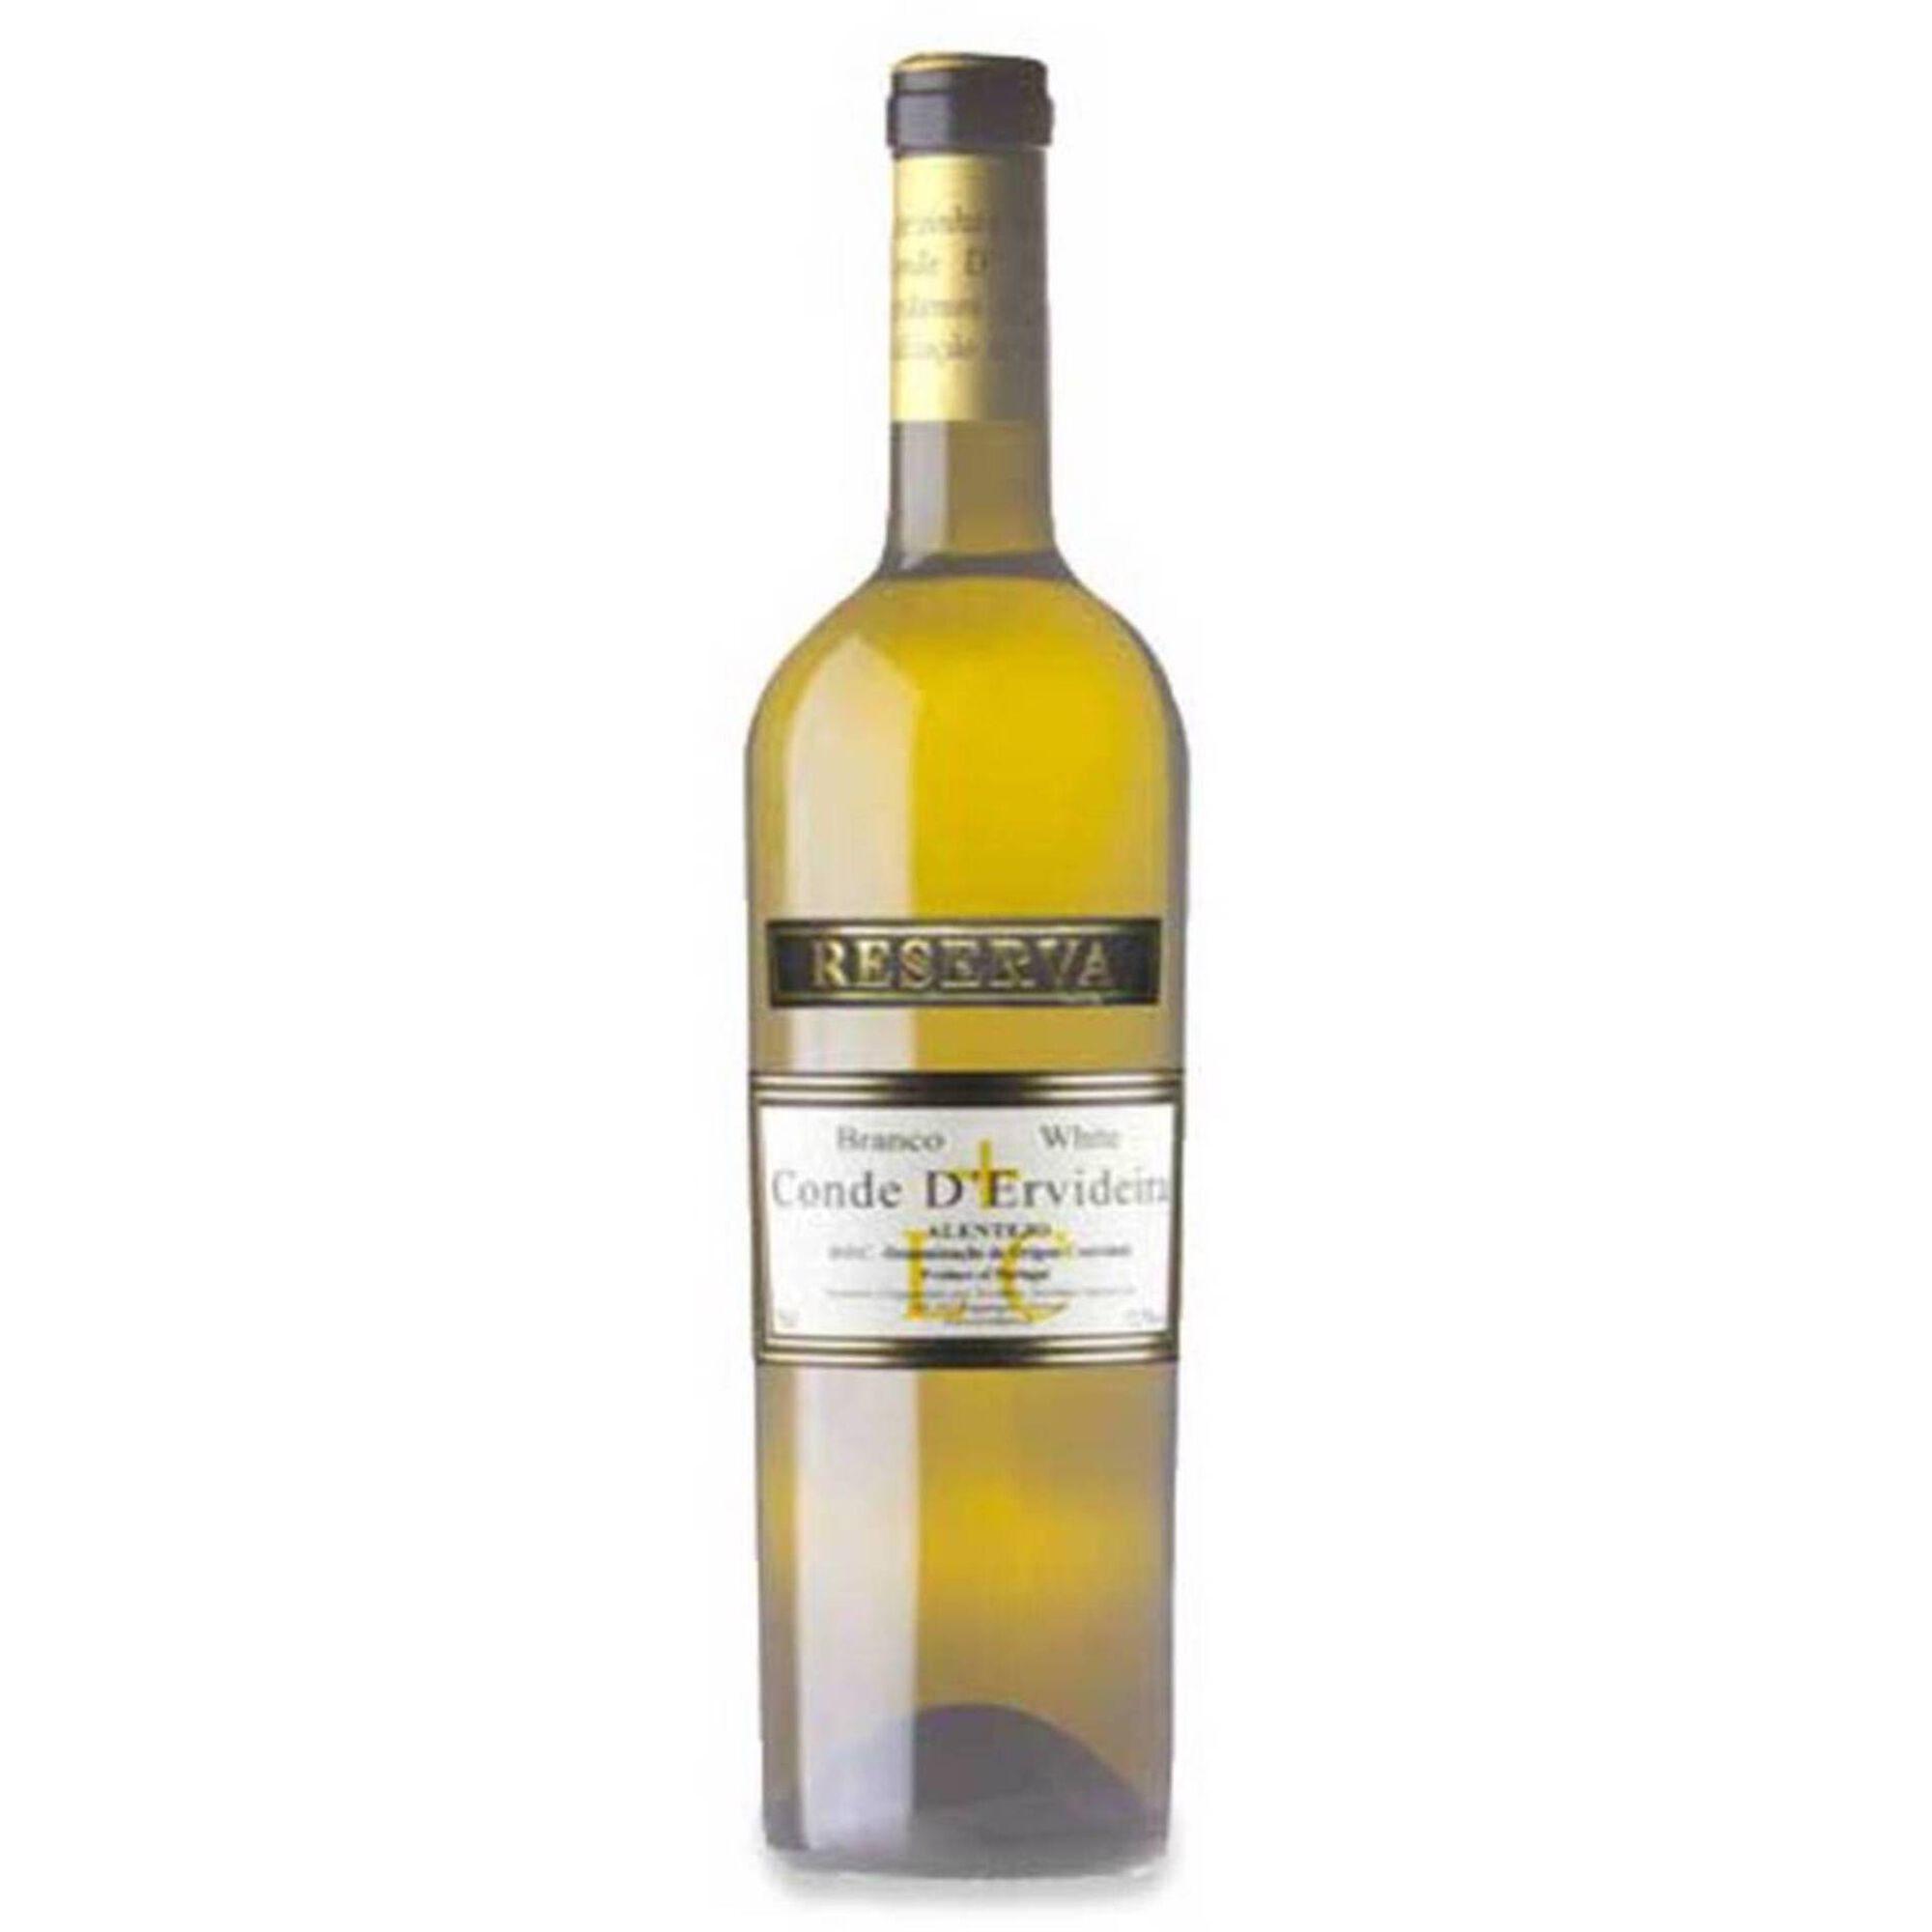 Conde D'Ervideira Reserva DOC Alentejo Vinho Branco